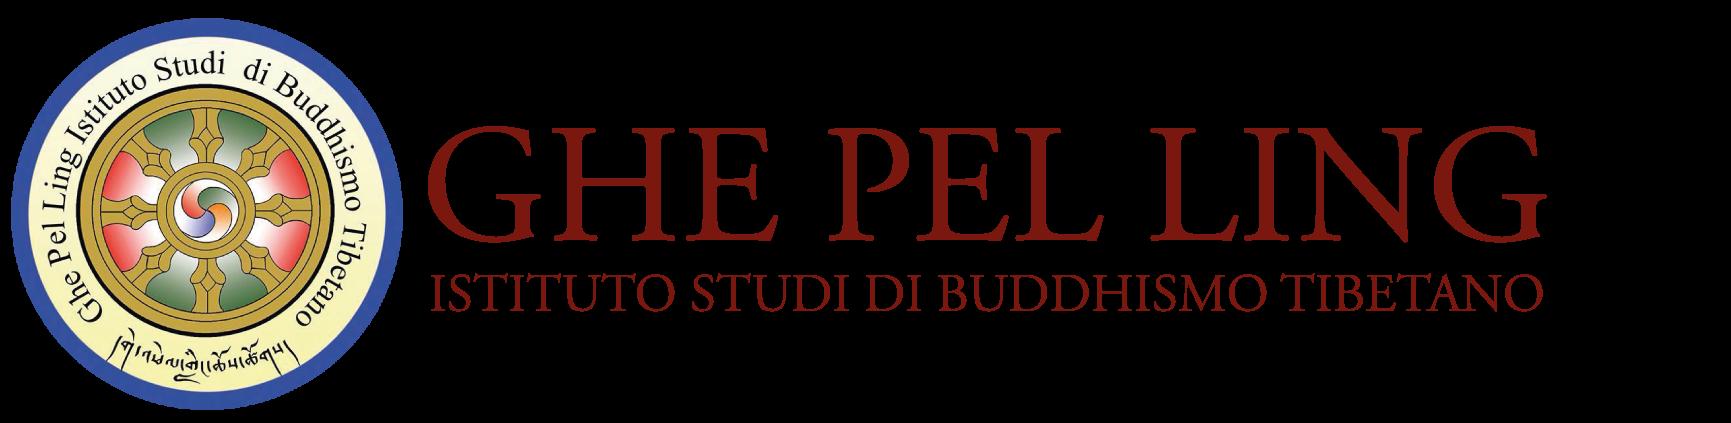 Ghe Pel Ling – Istituto Studi di Buddhismo Tibetano sotto la guida del Dalai Lama